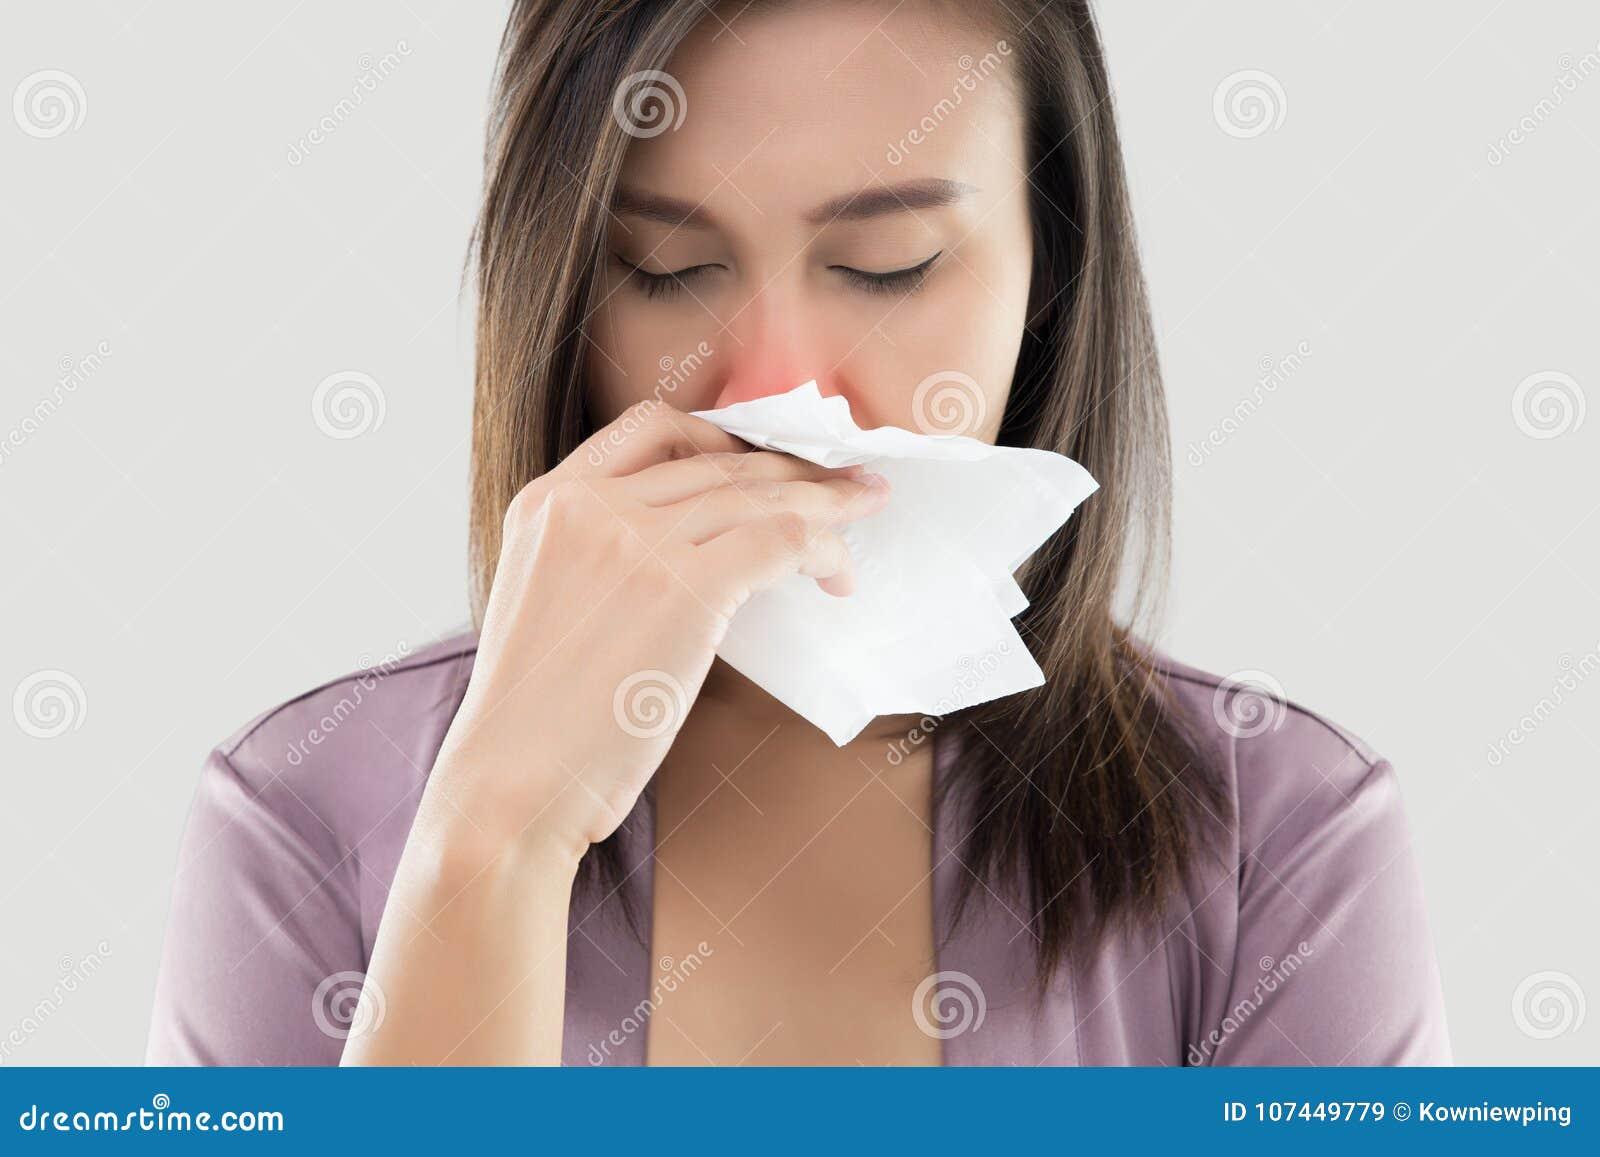 Asian Women In Satin Nightwear Feeling Unwell And Sneeze Against